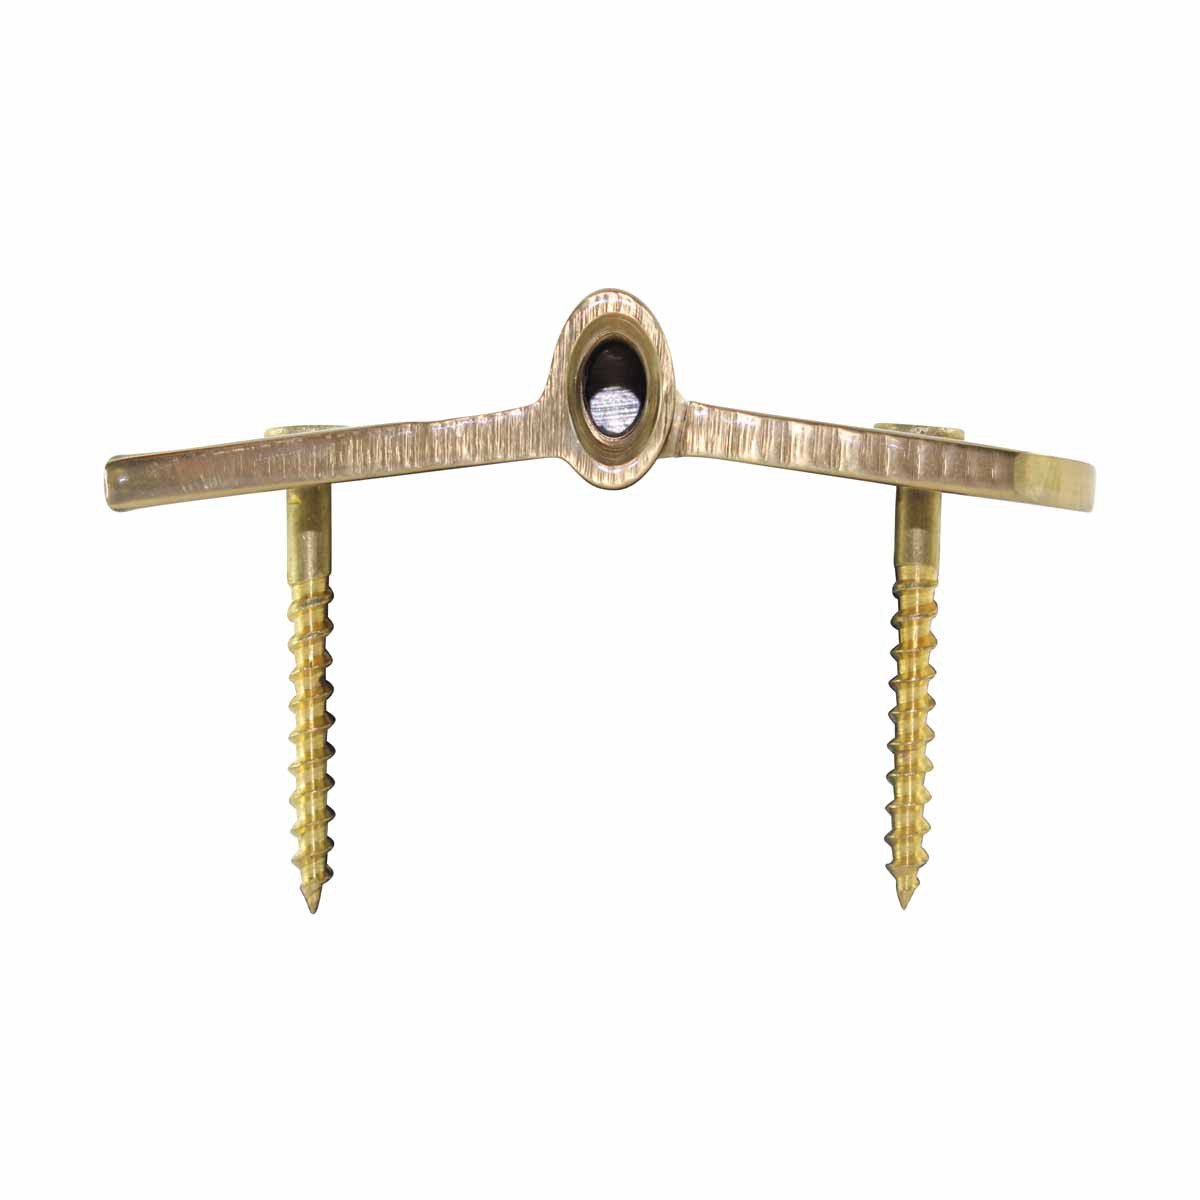 Door Hinges Bright Solid Brass Combo 4 x 4 Door Hinges Door Hinge Solid Brass Hinge